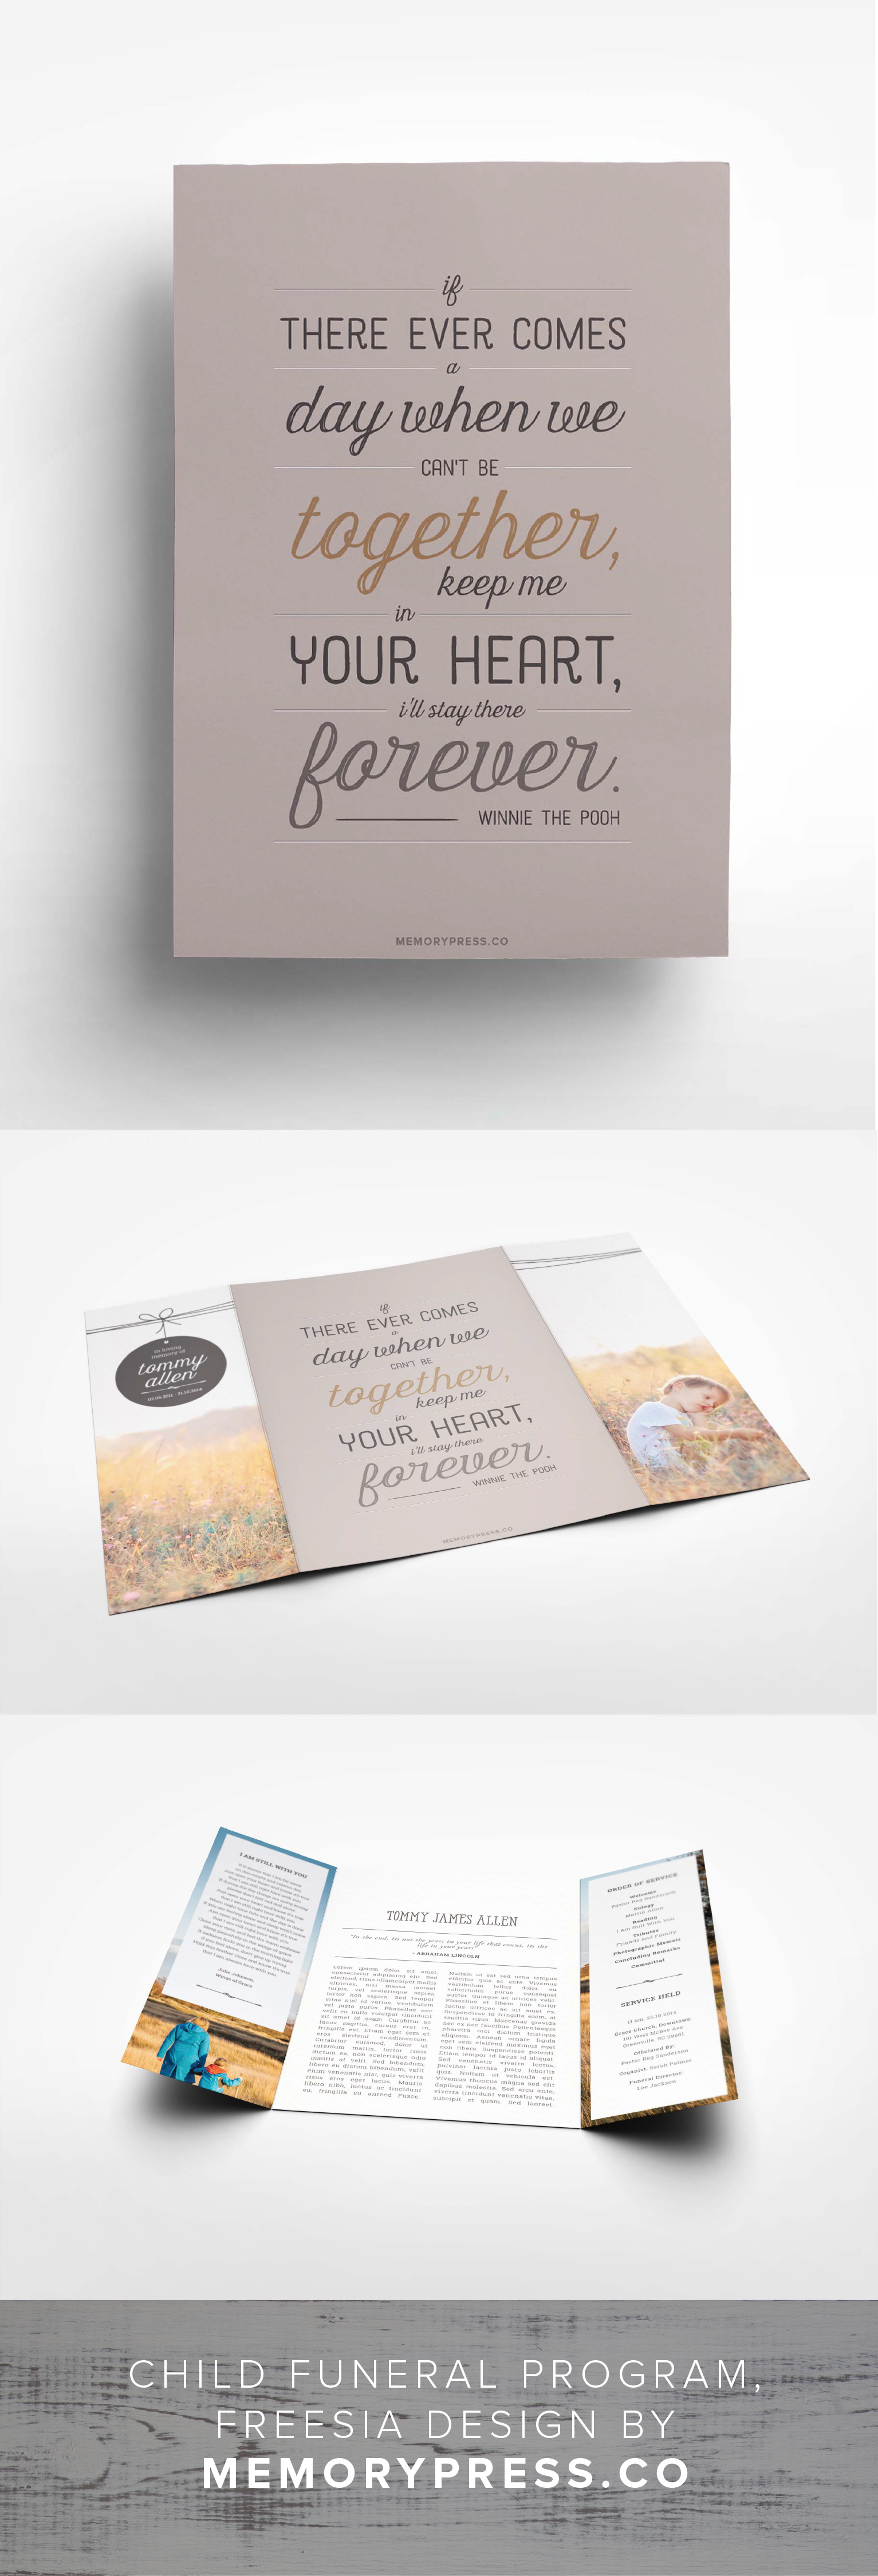 Freesia Funeral Program Design   Trauerfeier, Radieschen und Kisten